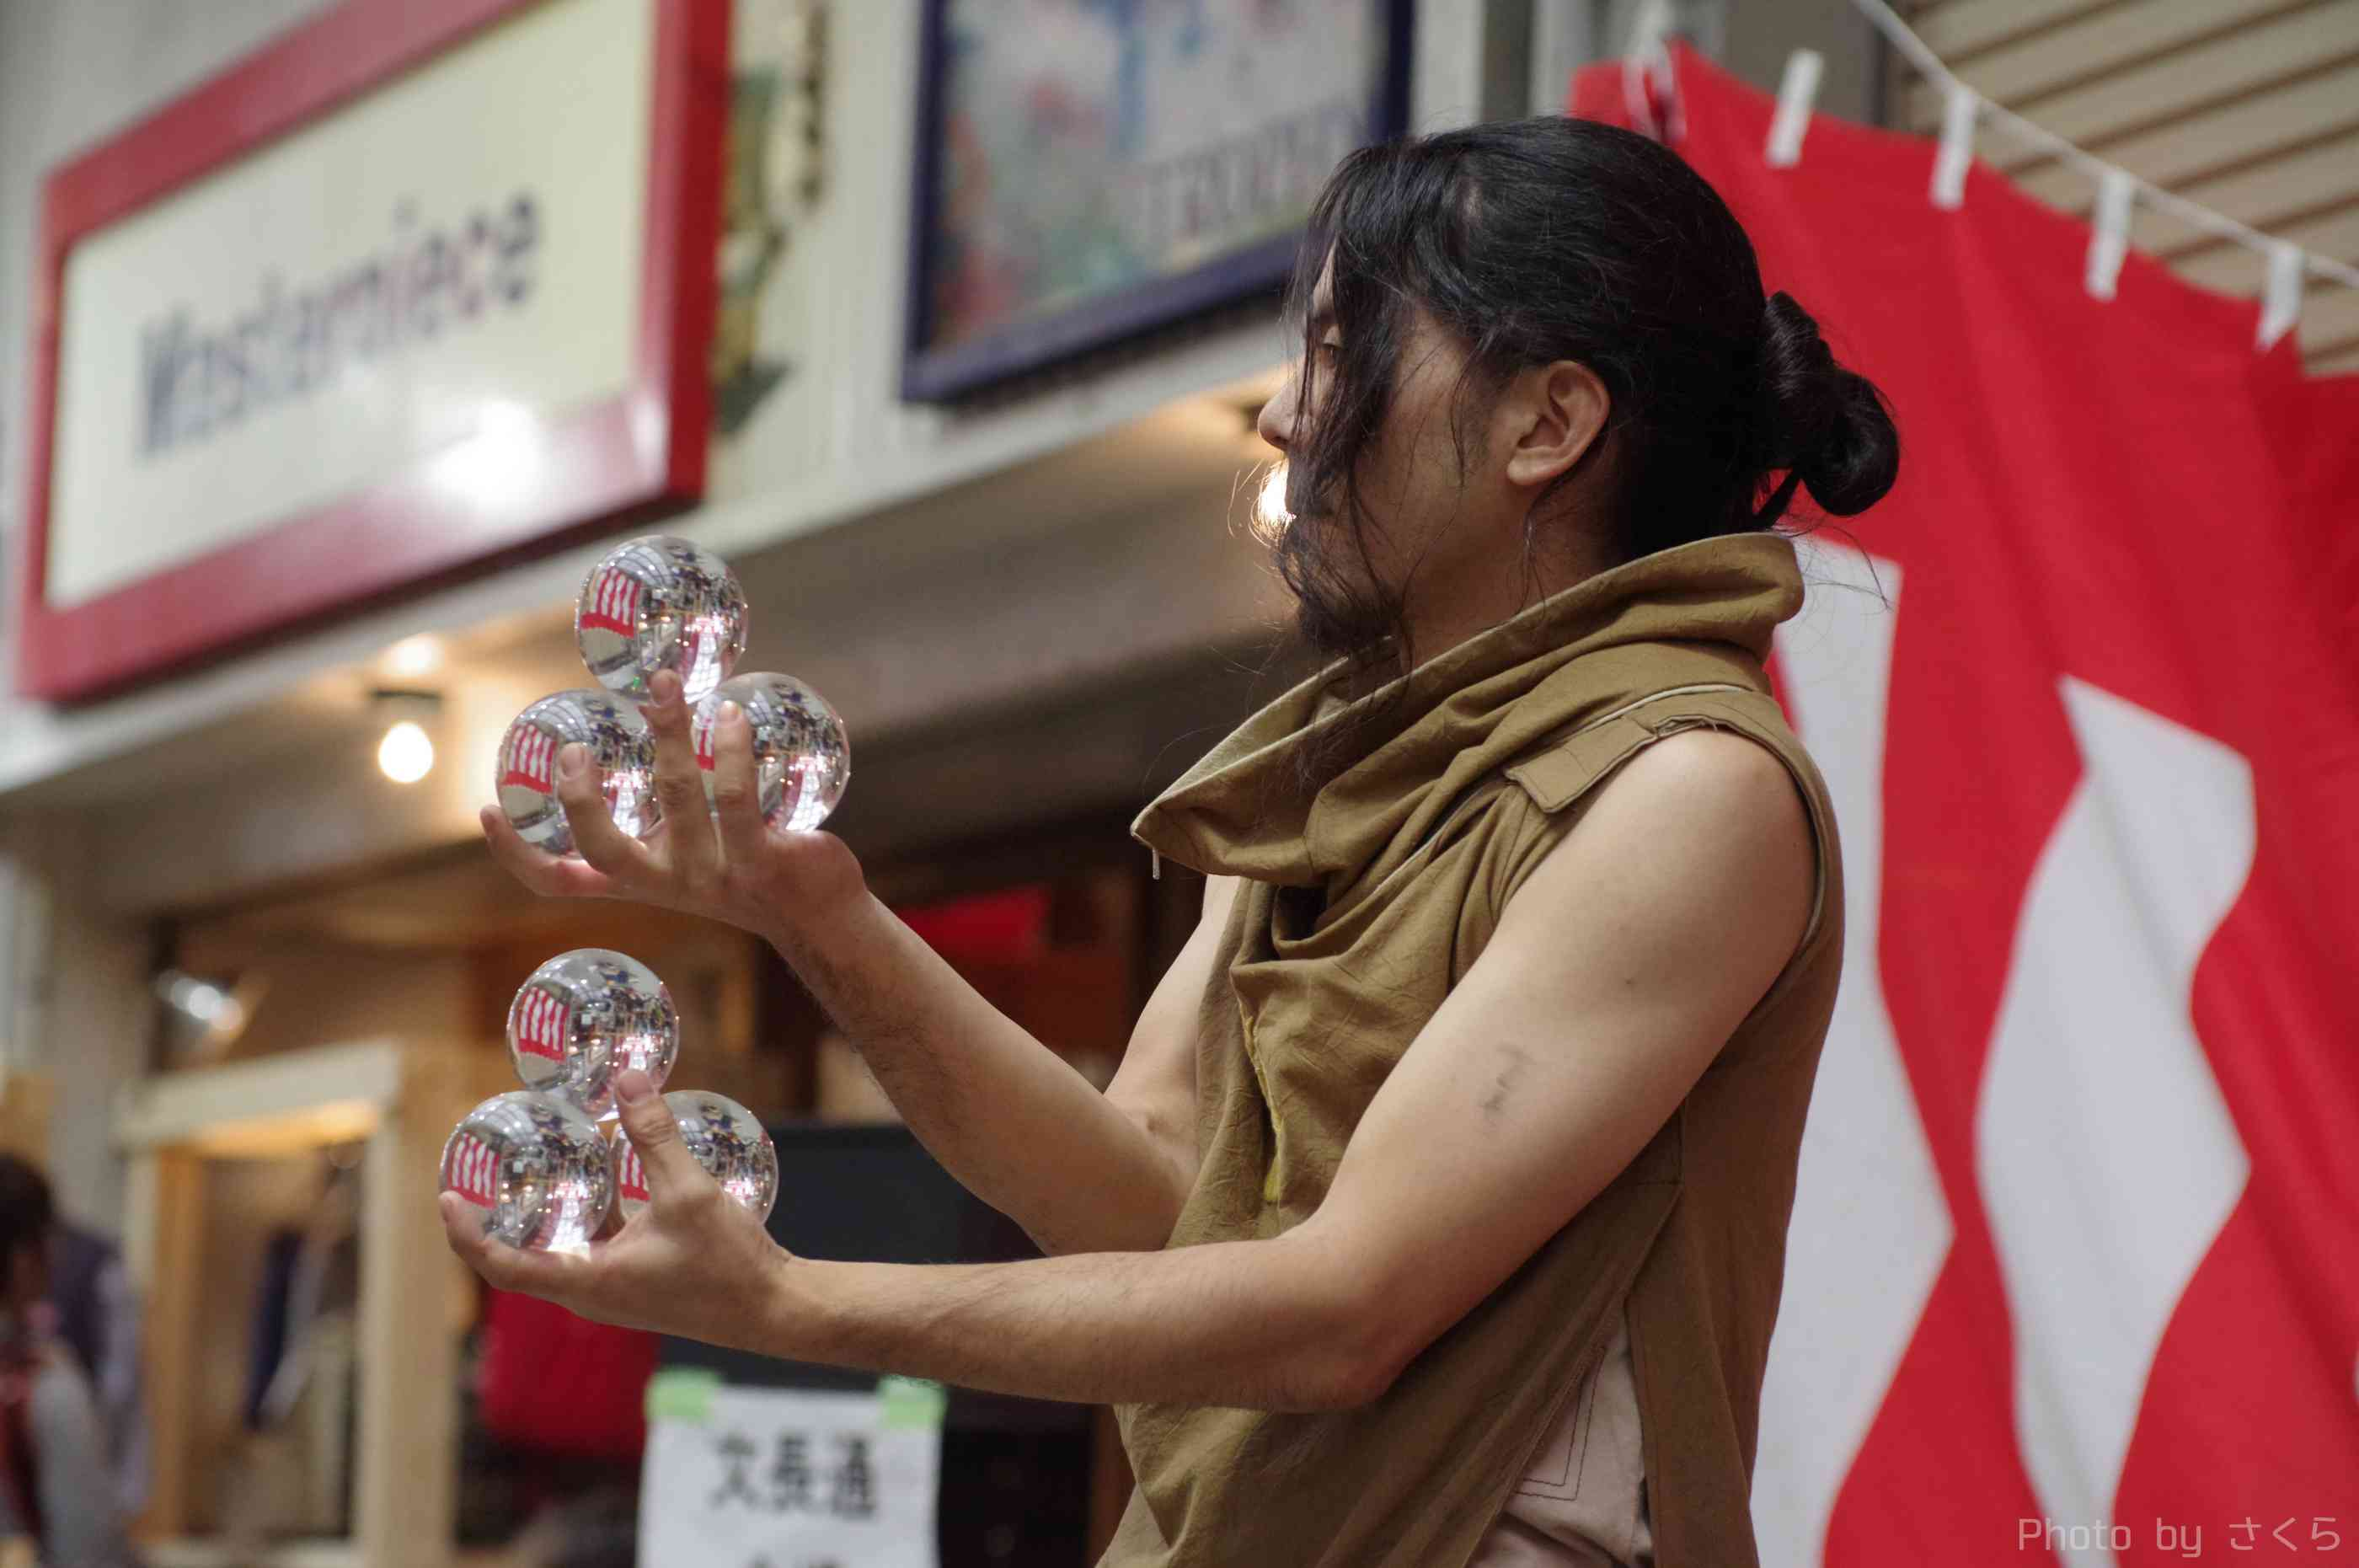 大須大道町人祭の火付盗賊おこたんぺのコンタクトジャグリング